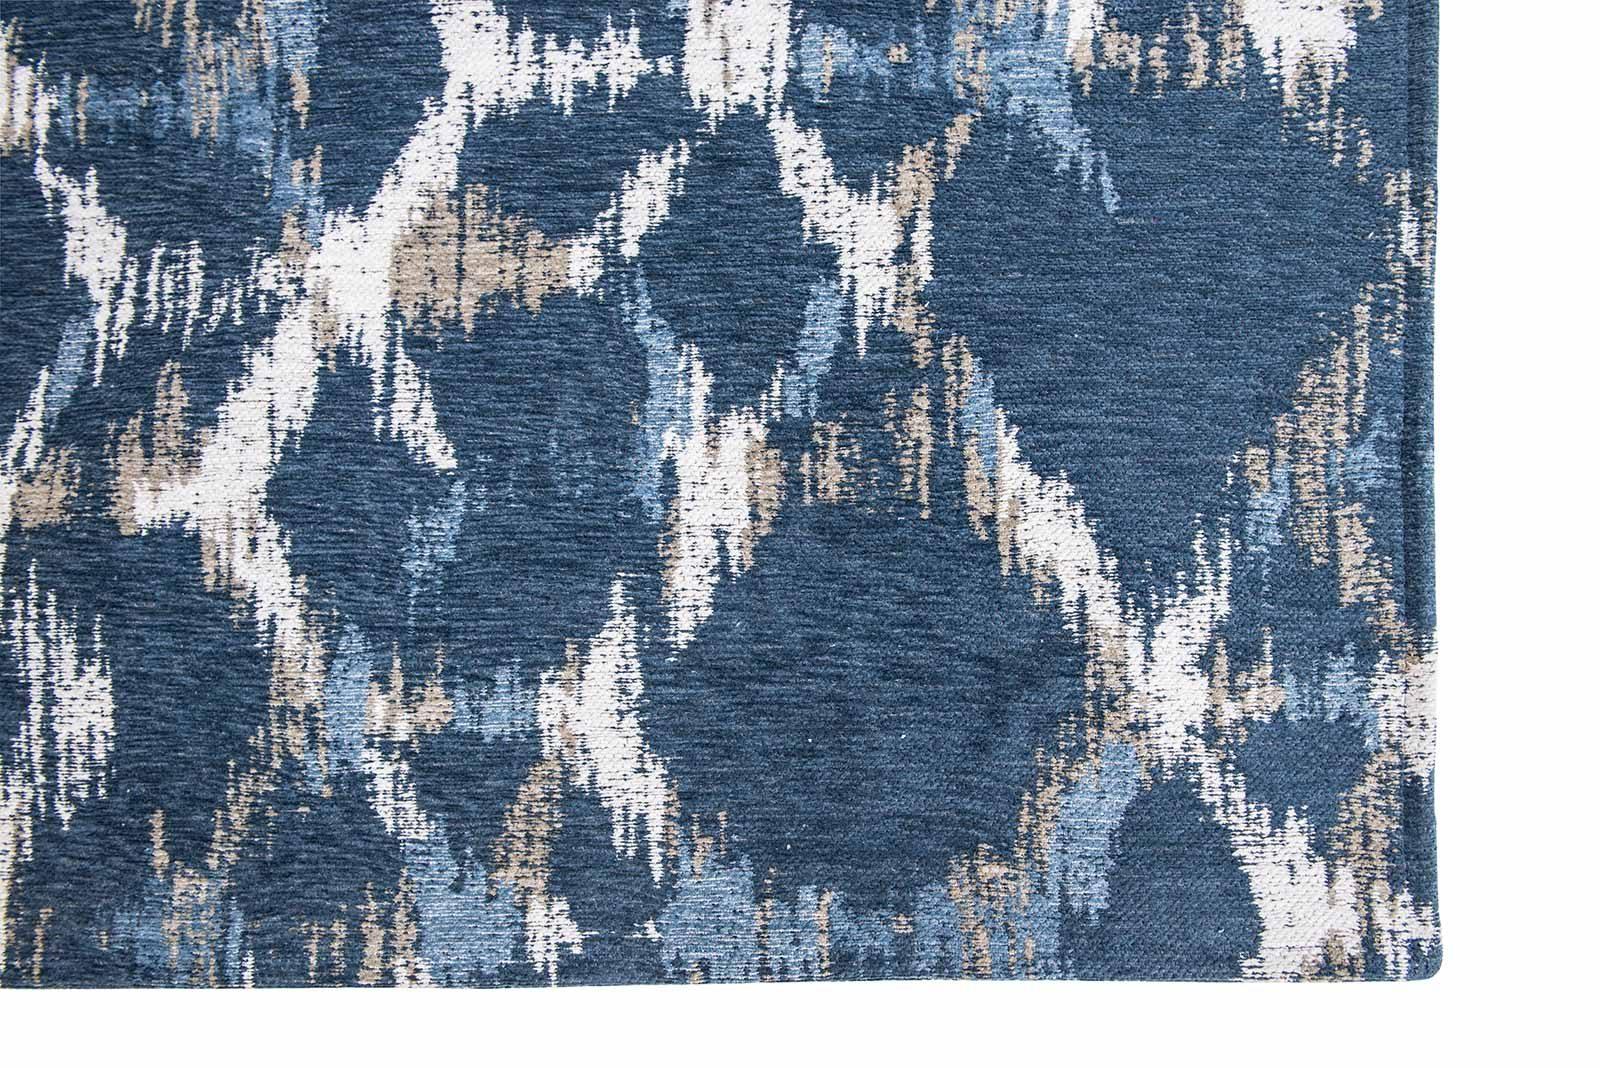 Louis De Poortere alfombras Villa Nova LX 8750 Sudare Indigo corner